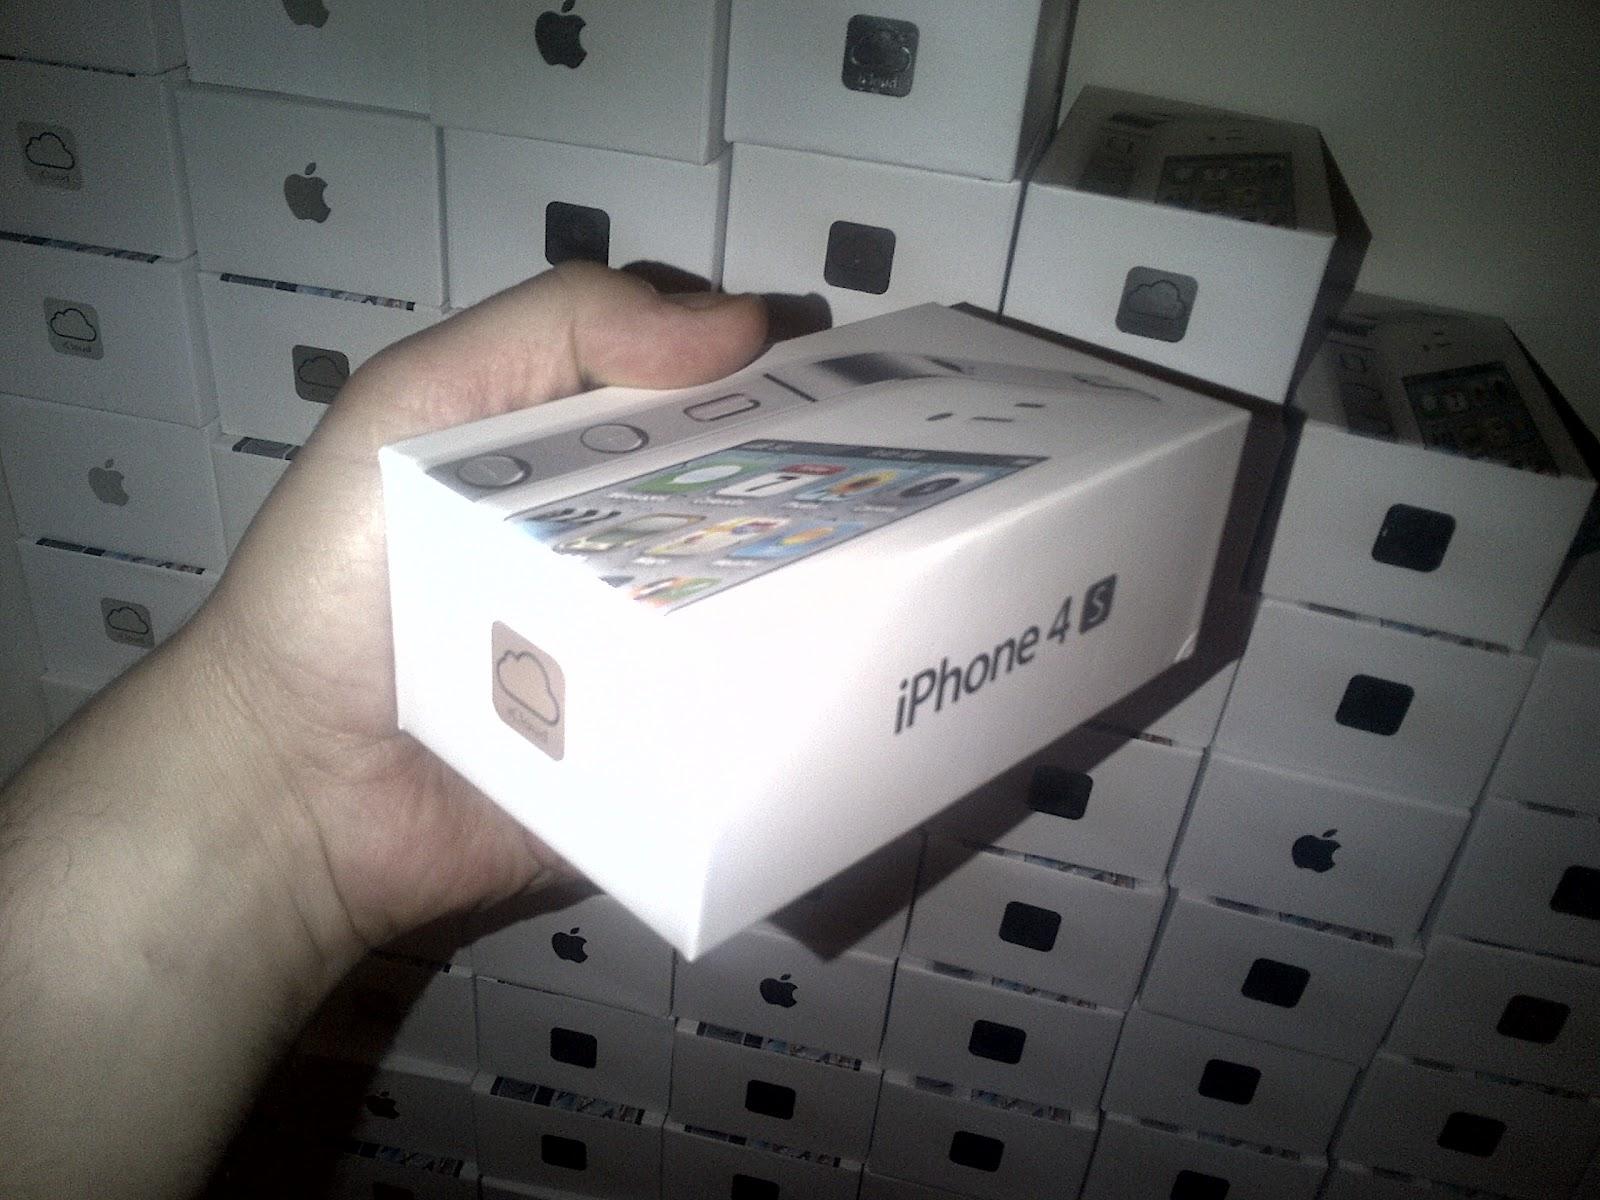 http://3.bp.blogspot.com/-MG5z7pes4bE/UALZb17bnKI/AAAAAAAACiA/K_313gk6qzg/s1600/iphone%204s%20boxes.jpg